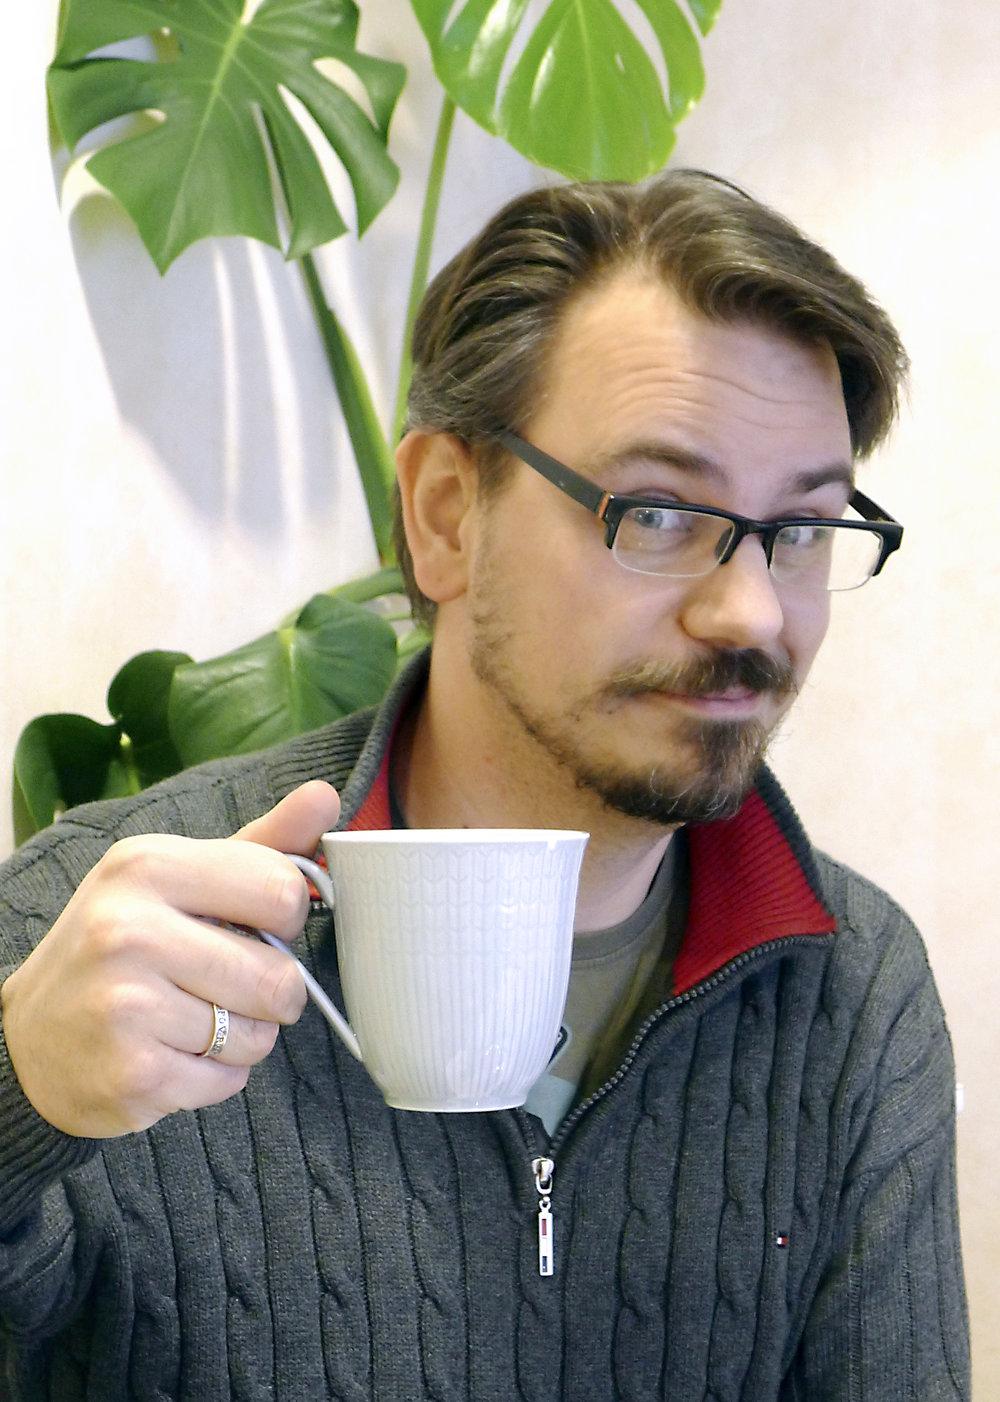 jonaskaffekopp-stor.jpg